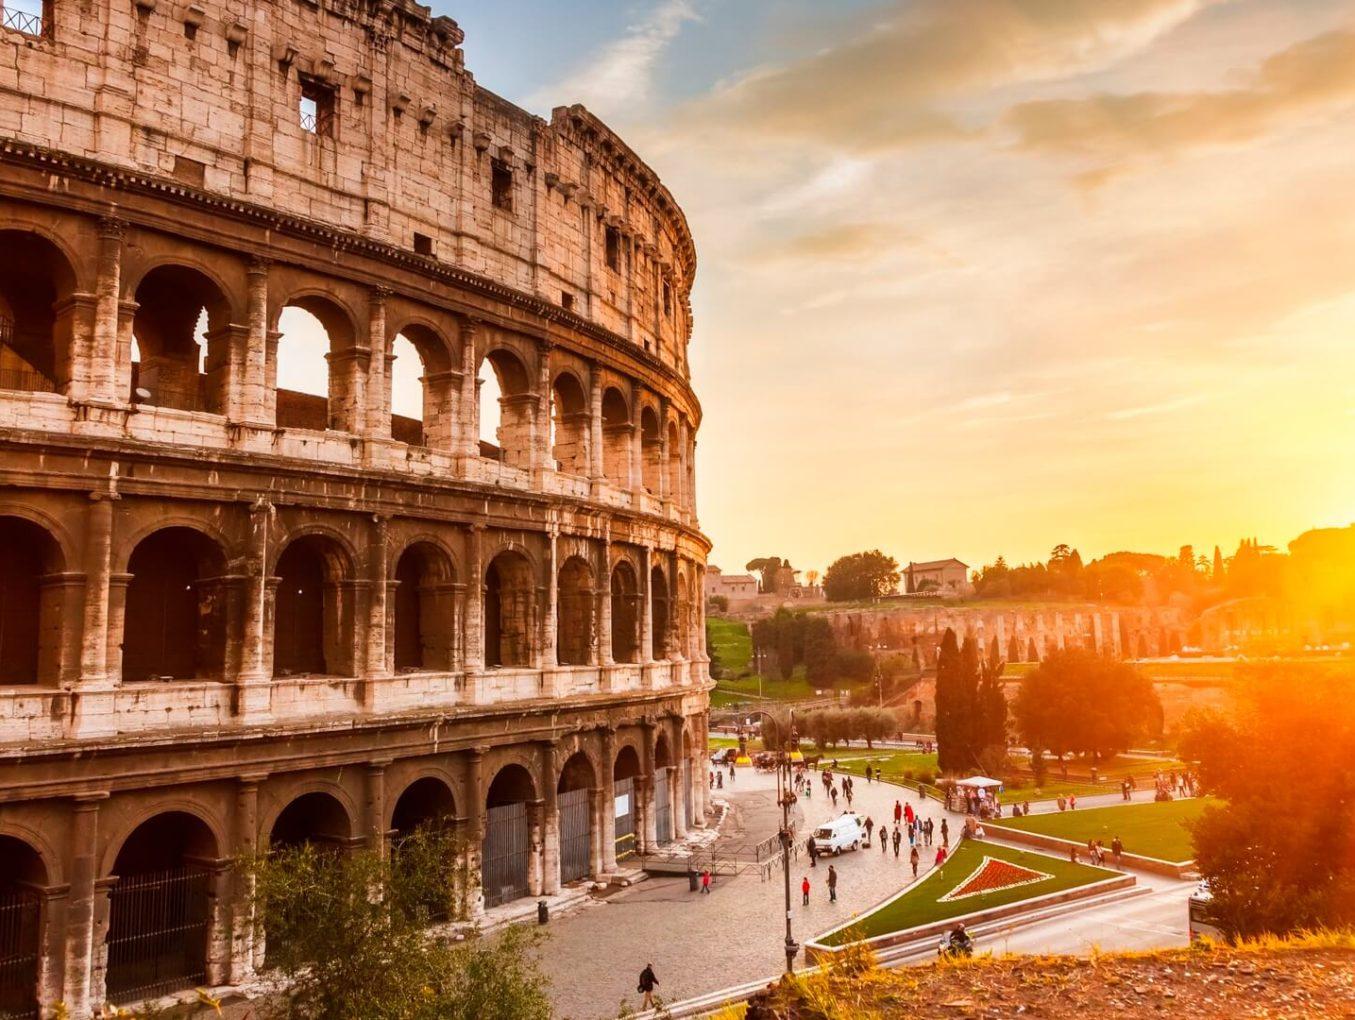 За осмотр Колизея придется платить дороже